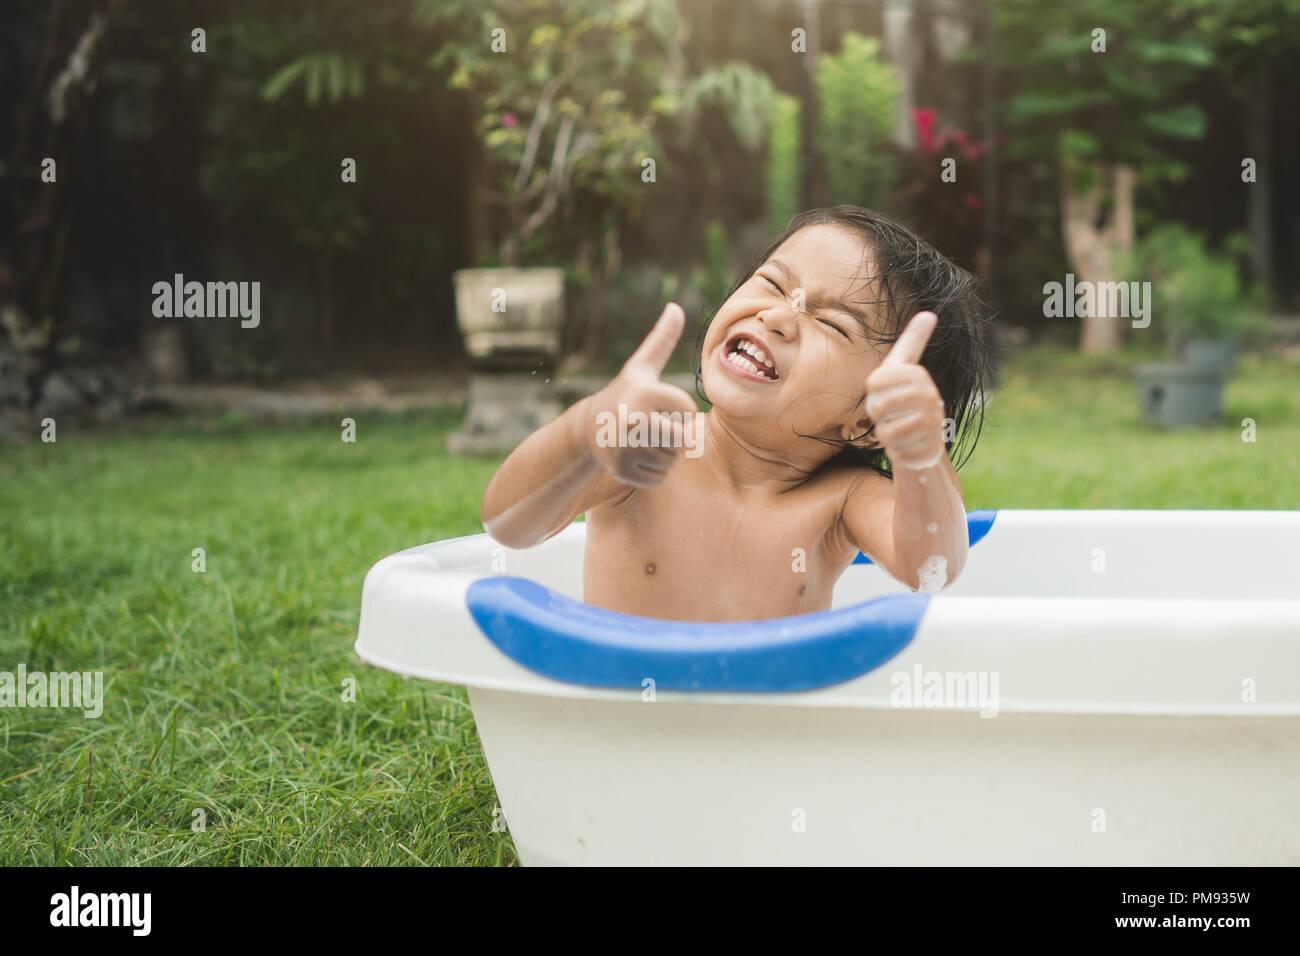 Vasca Da Bagno Per Neonati : Felice bellissima bambina di prendere un bagno in una vasca da